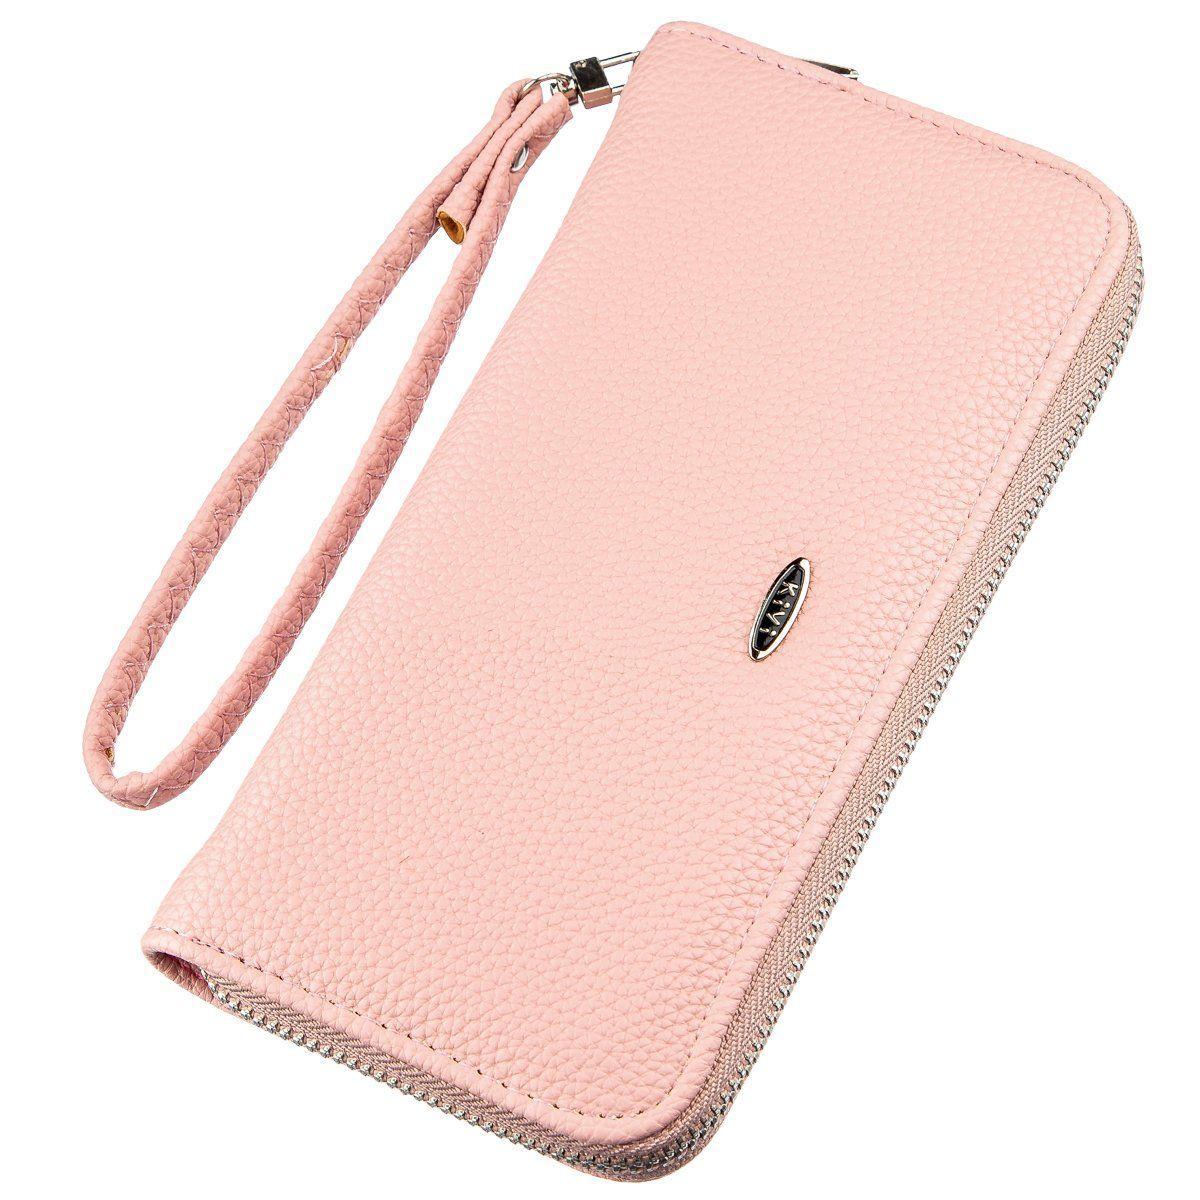 Кошелек Женский На Одну Молнию Из Экокожи Флотар Kivi 19016 Розовый, Розовый